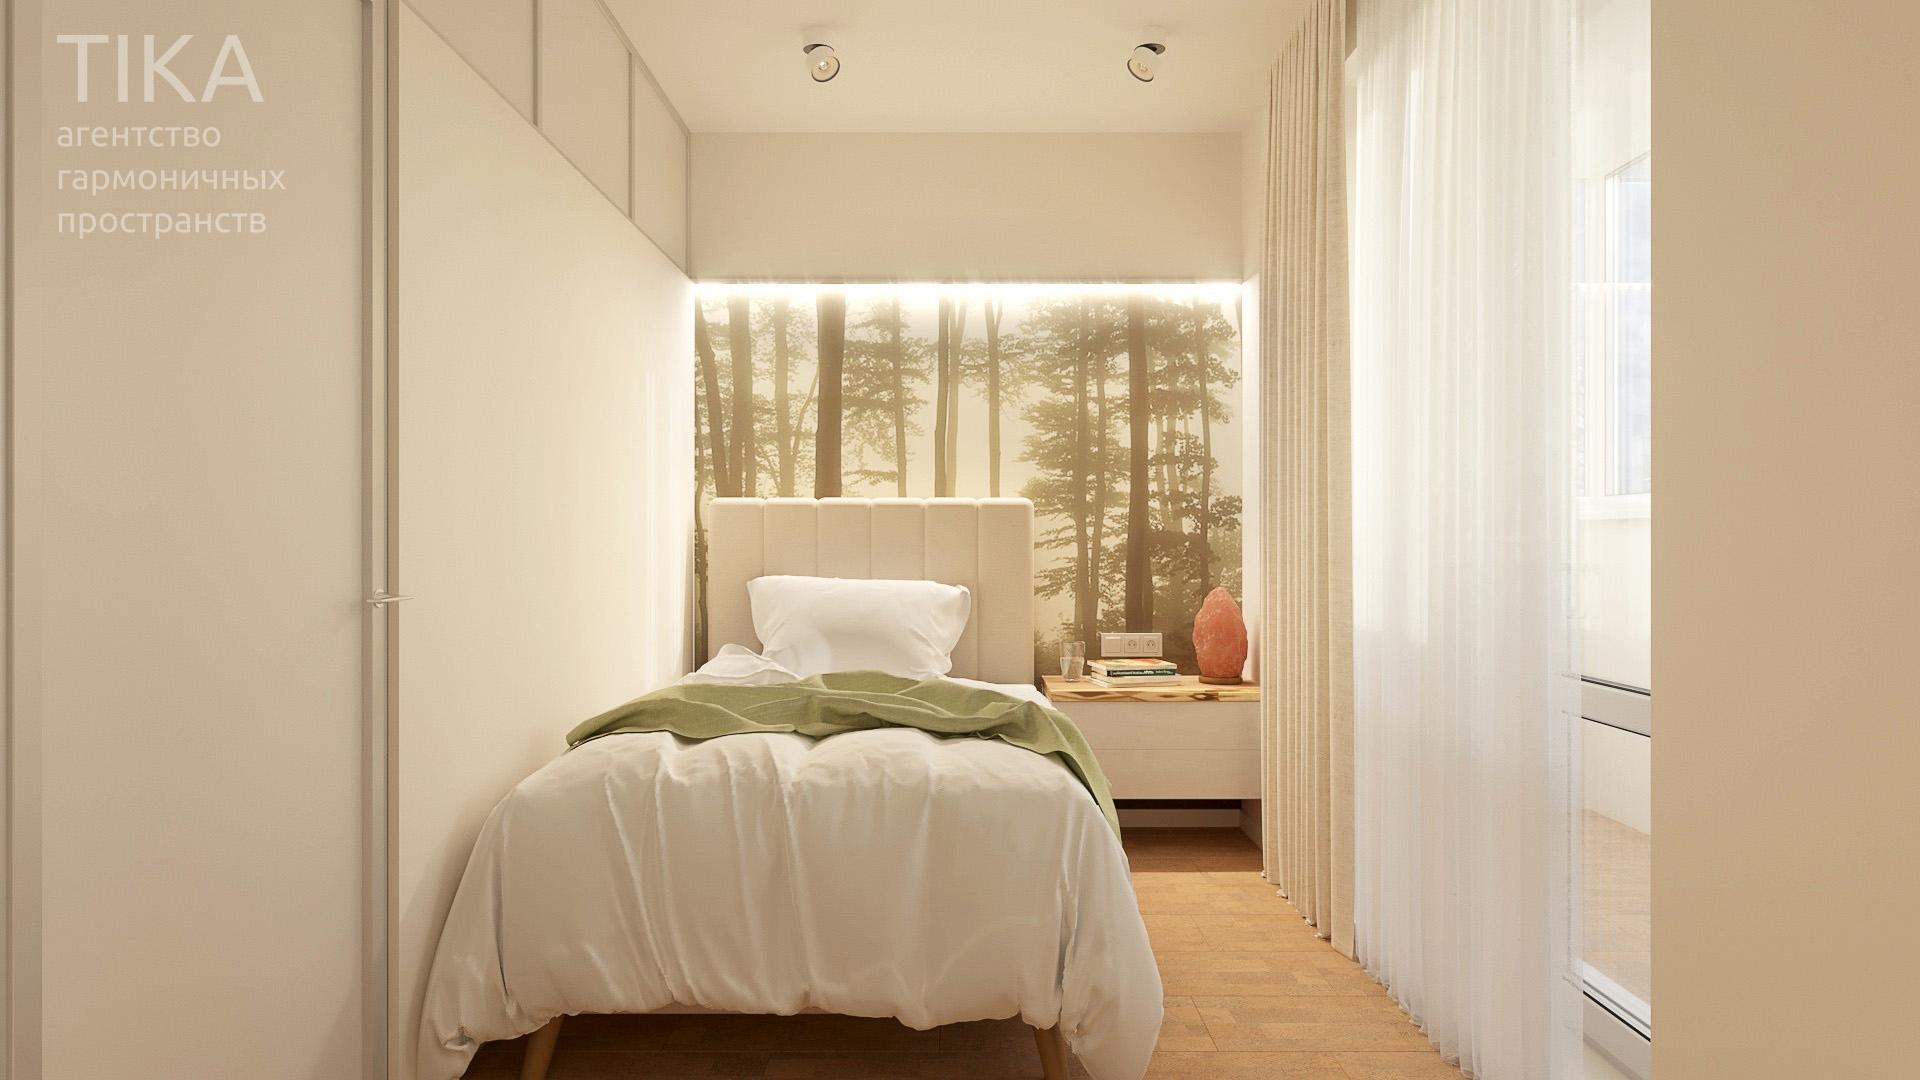 Изображение для проекта Дизайн интерьера квартиры в Москве 2136